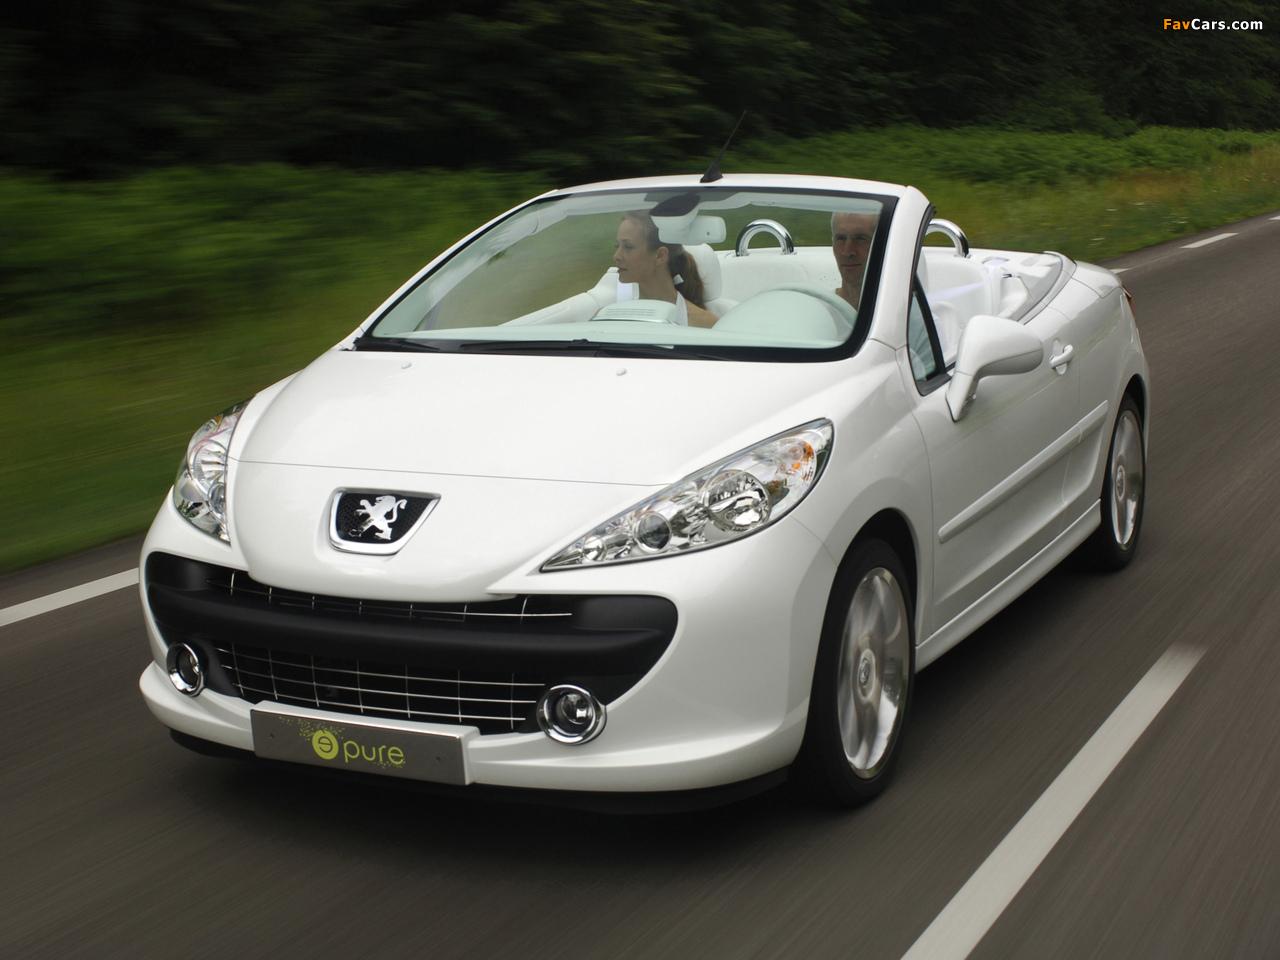 Peugeot 207 Epure Concept 2006 photos (1280 x 960)